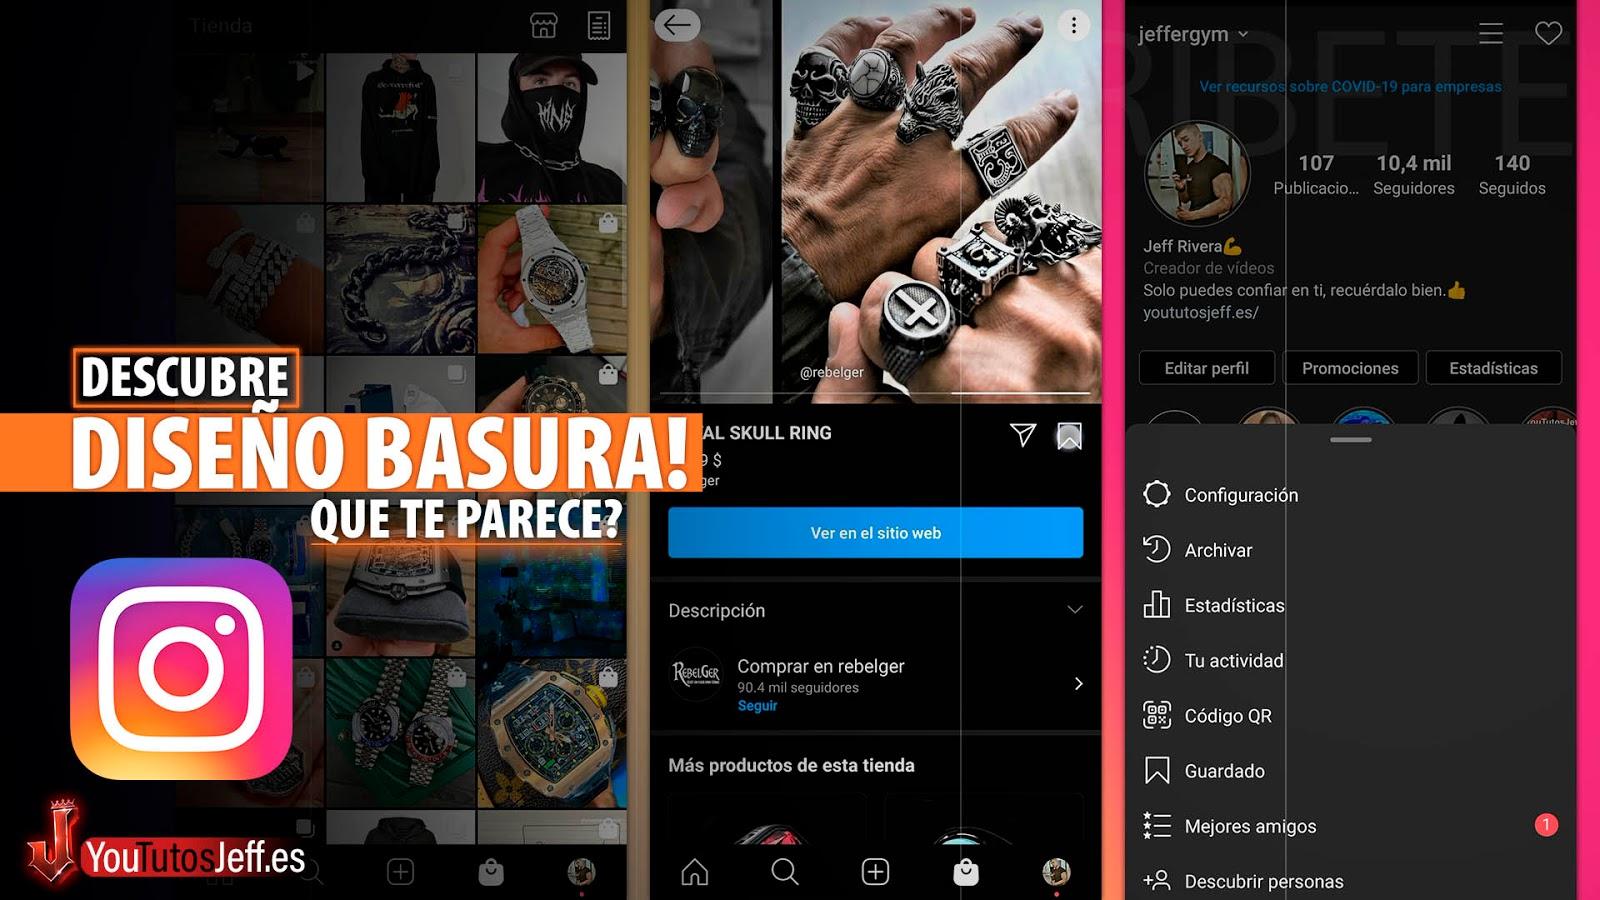 El Nuevo Diseño de Instagram es Pura BASURA